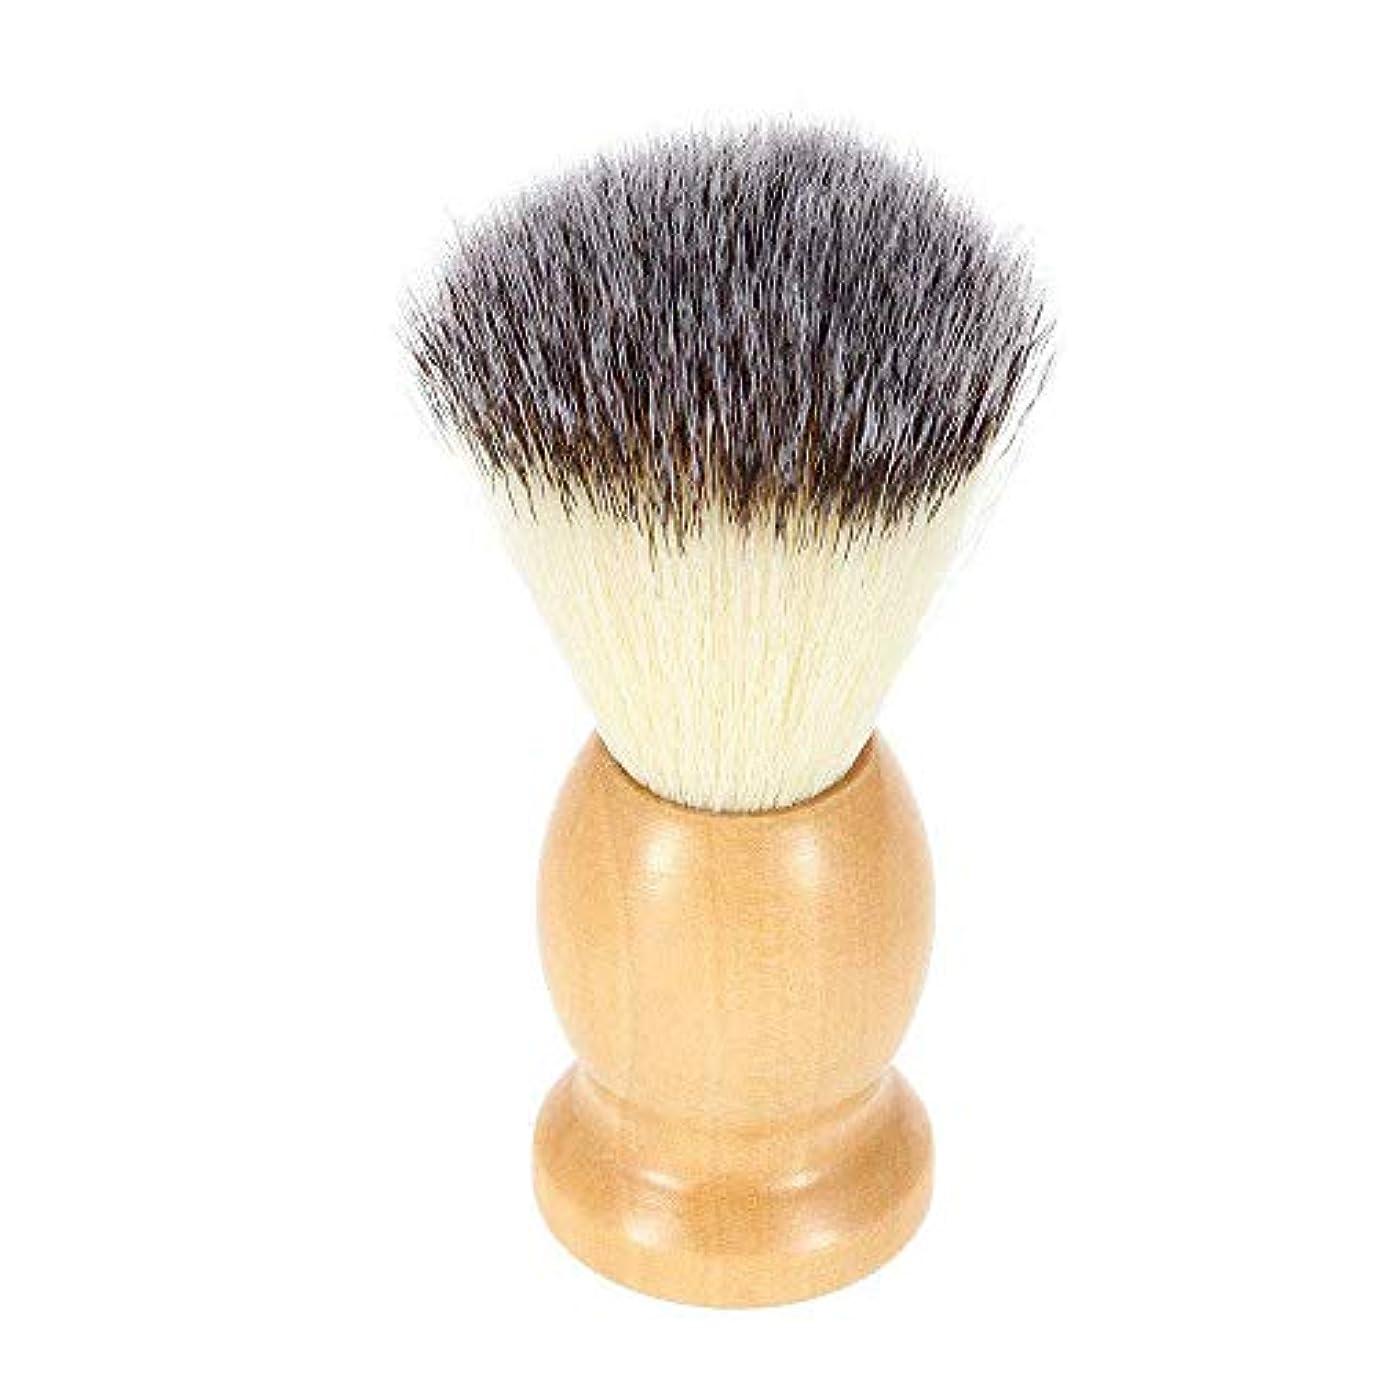 天のうま岩1 ナイロンひげブラシ ハンドルシェービングブラシ 泡立ち 理容 洗顔 髭剃り ご主人メンズ用ブラシ 木製ひげブラシ